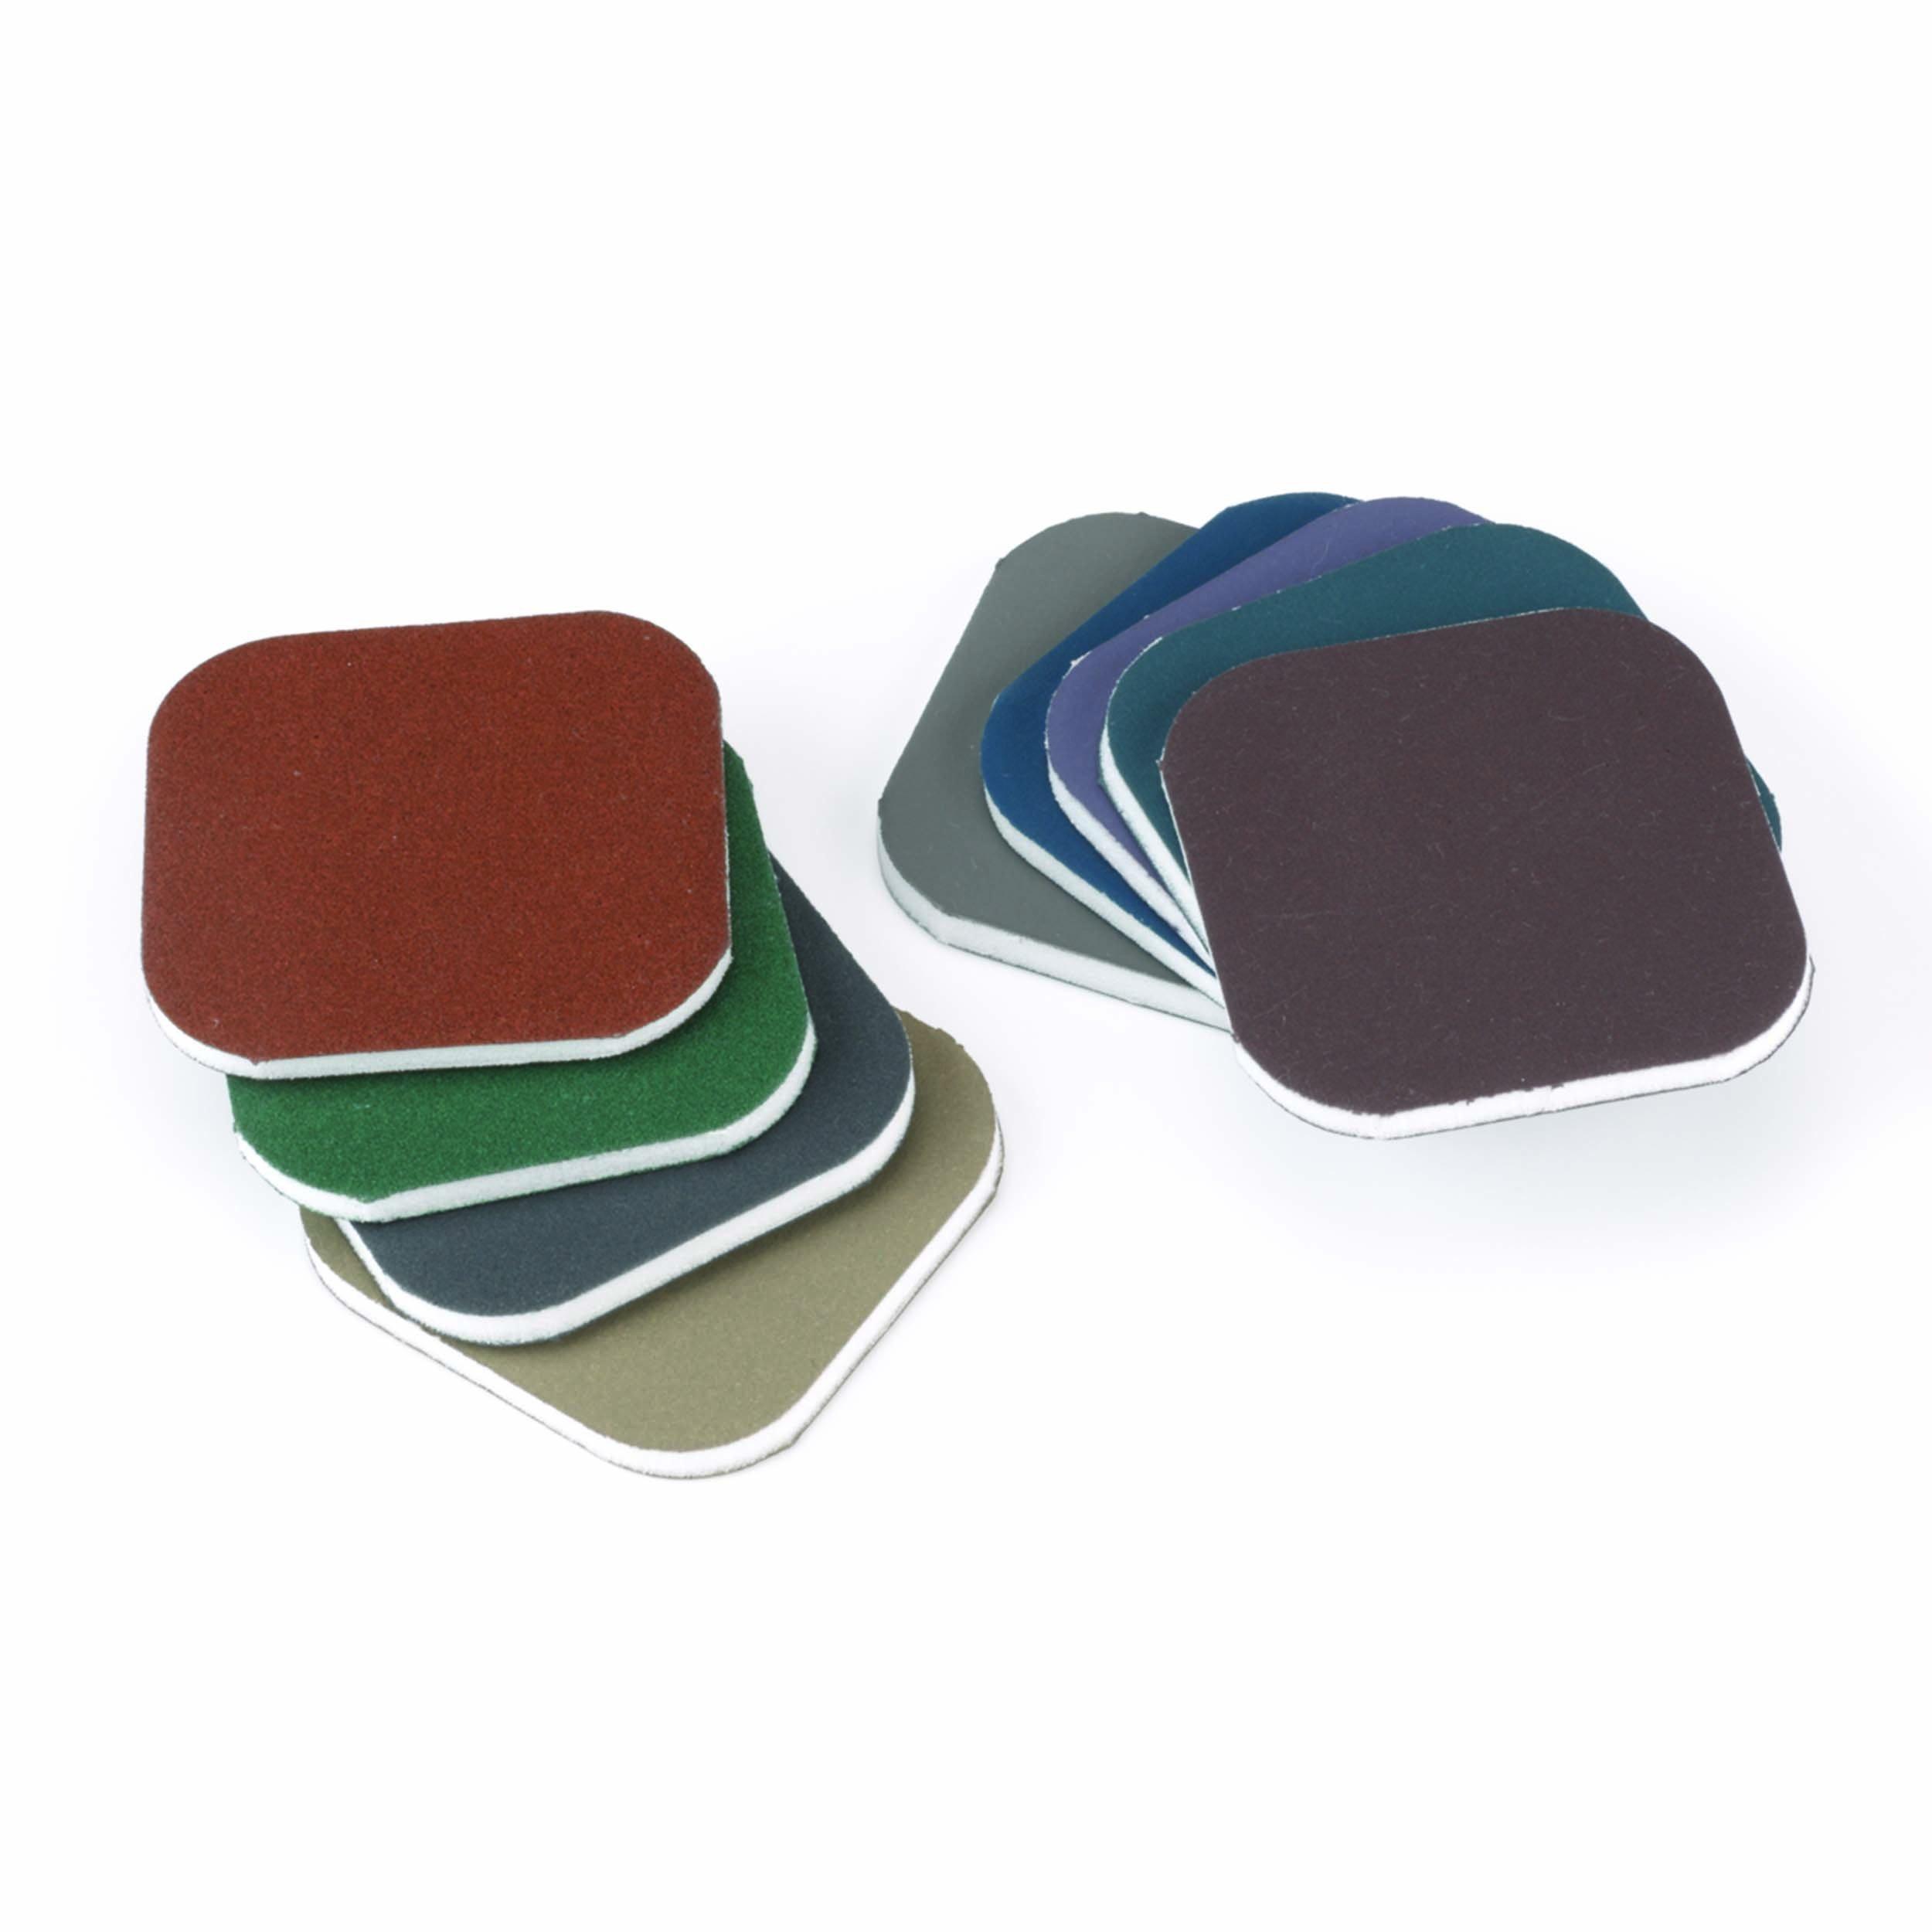 Micro-Mesh Pen Sanding Kit